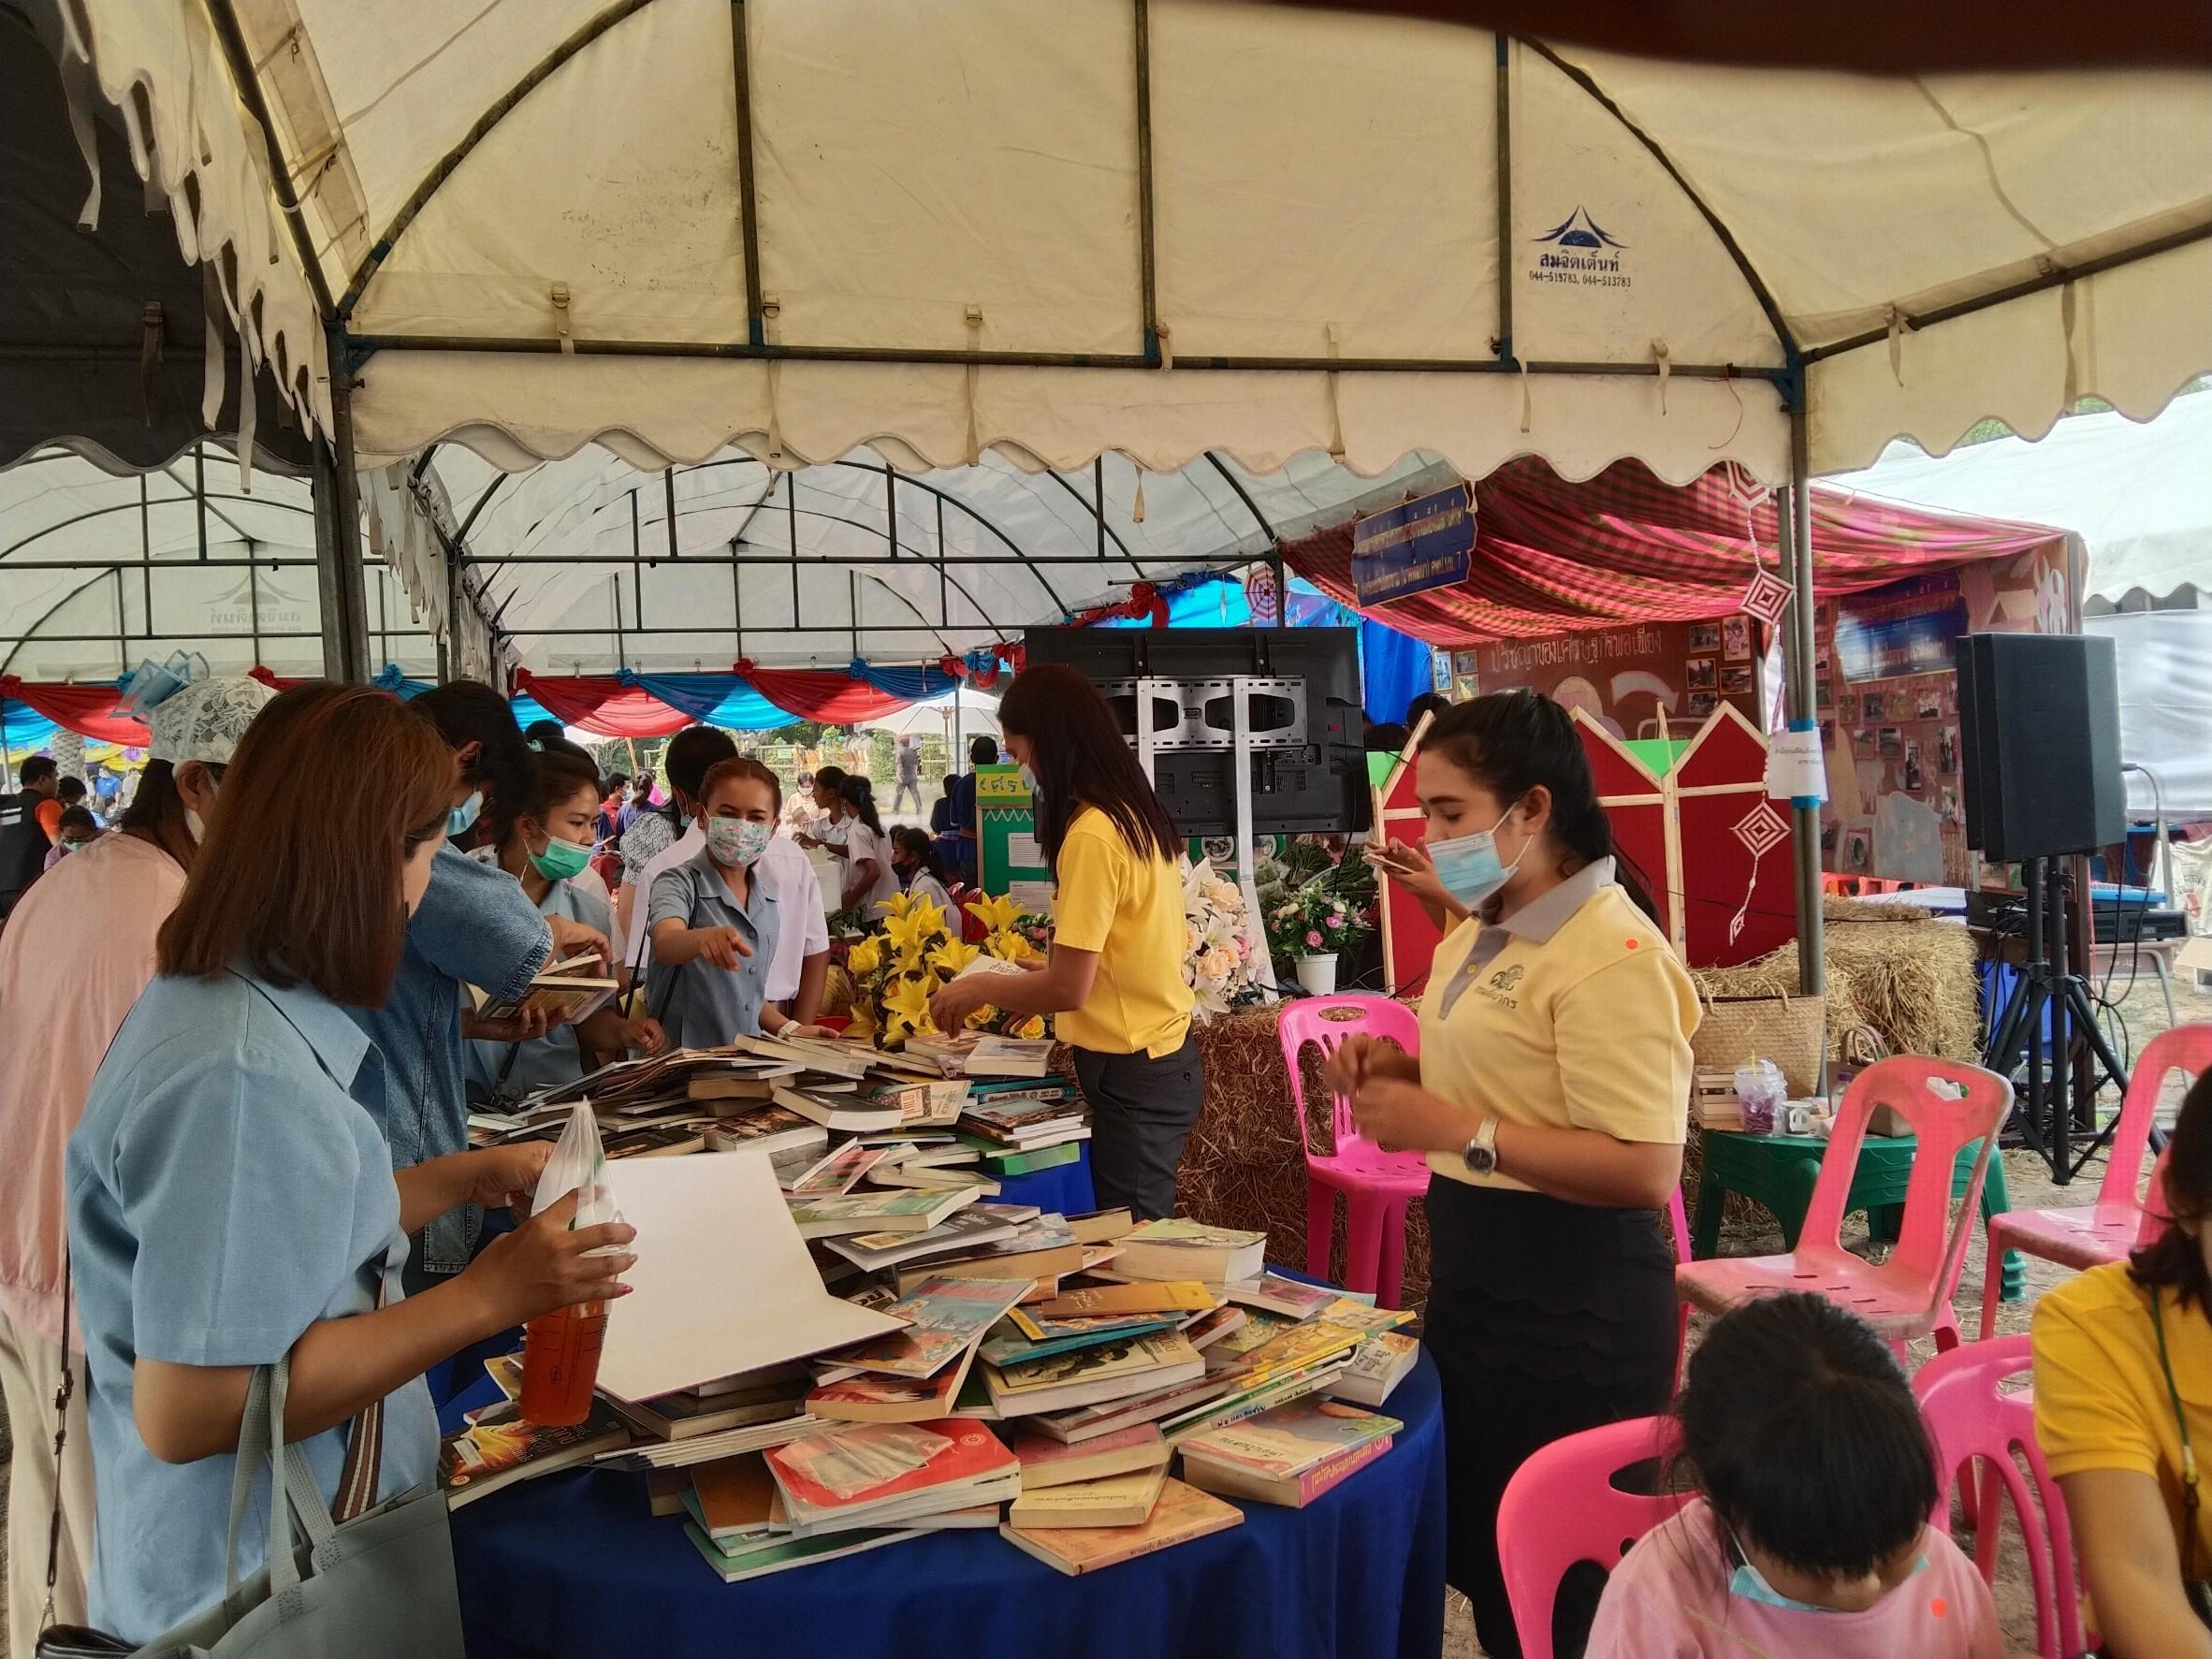 จัดกิจกรรมส่งเสริมการอ่านร่วมในโครงการสร้างเสริมความจงรักภักดีต่อสถาบัน บำบัดทุกข์ บำรุงสุข สร้างรอยยิ้มให้กับประชาชน ประจำปี 2564